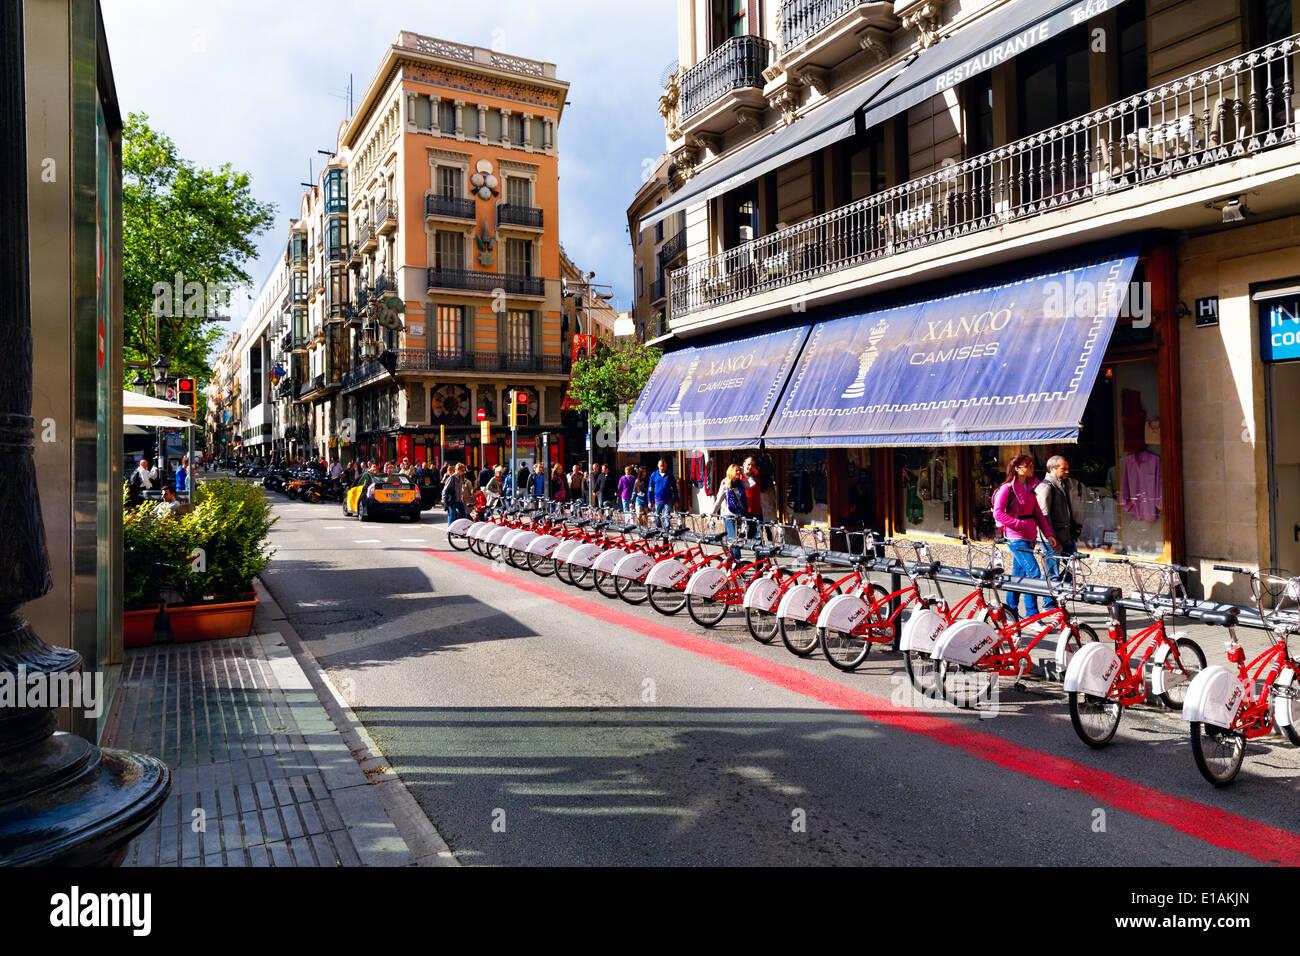 Alquiler de bicicletas en La Rambla, Barcelona, Cataluña, España Imagen De Stock